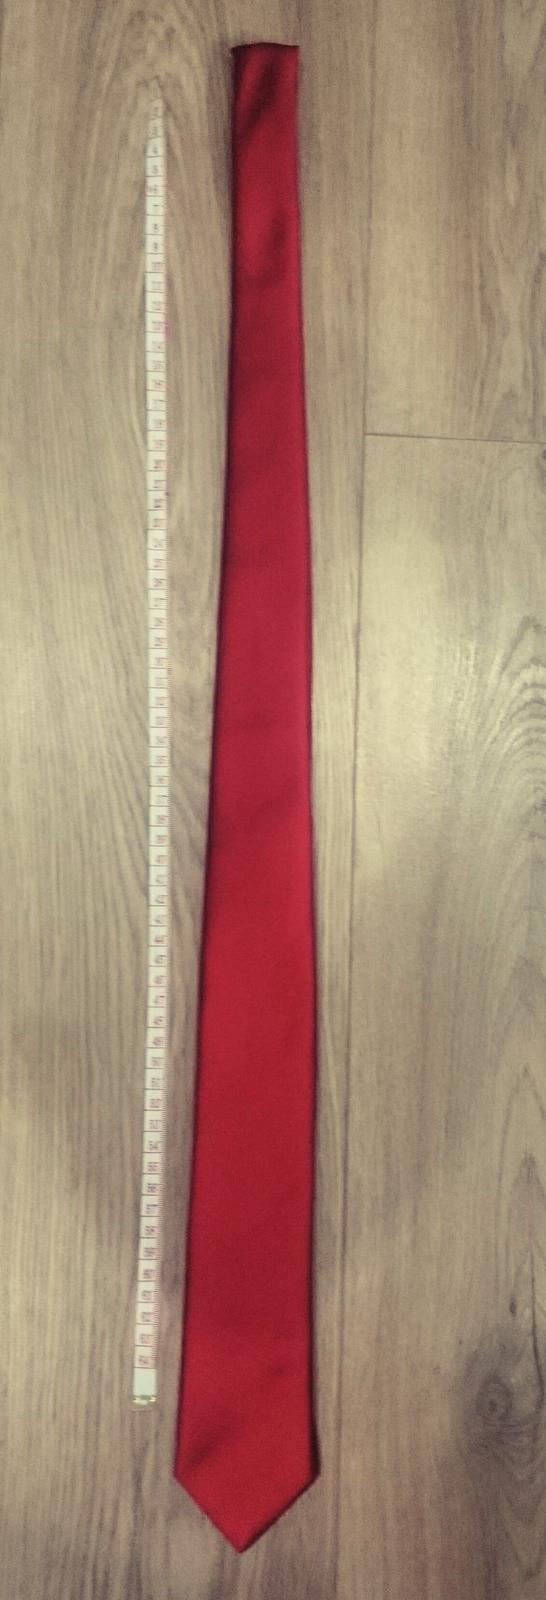 Pánska kravata  - Obrázok č. 1